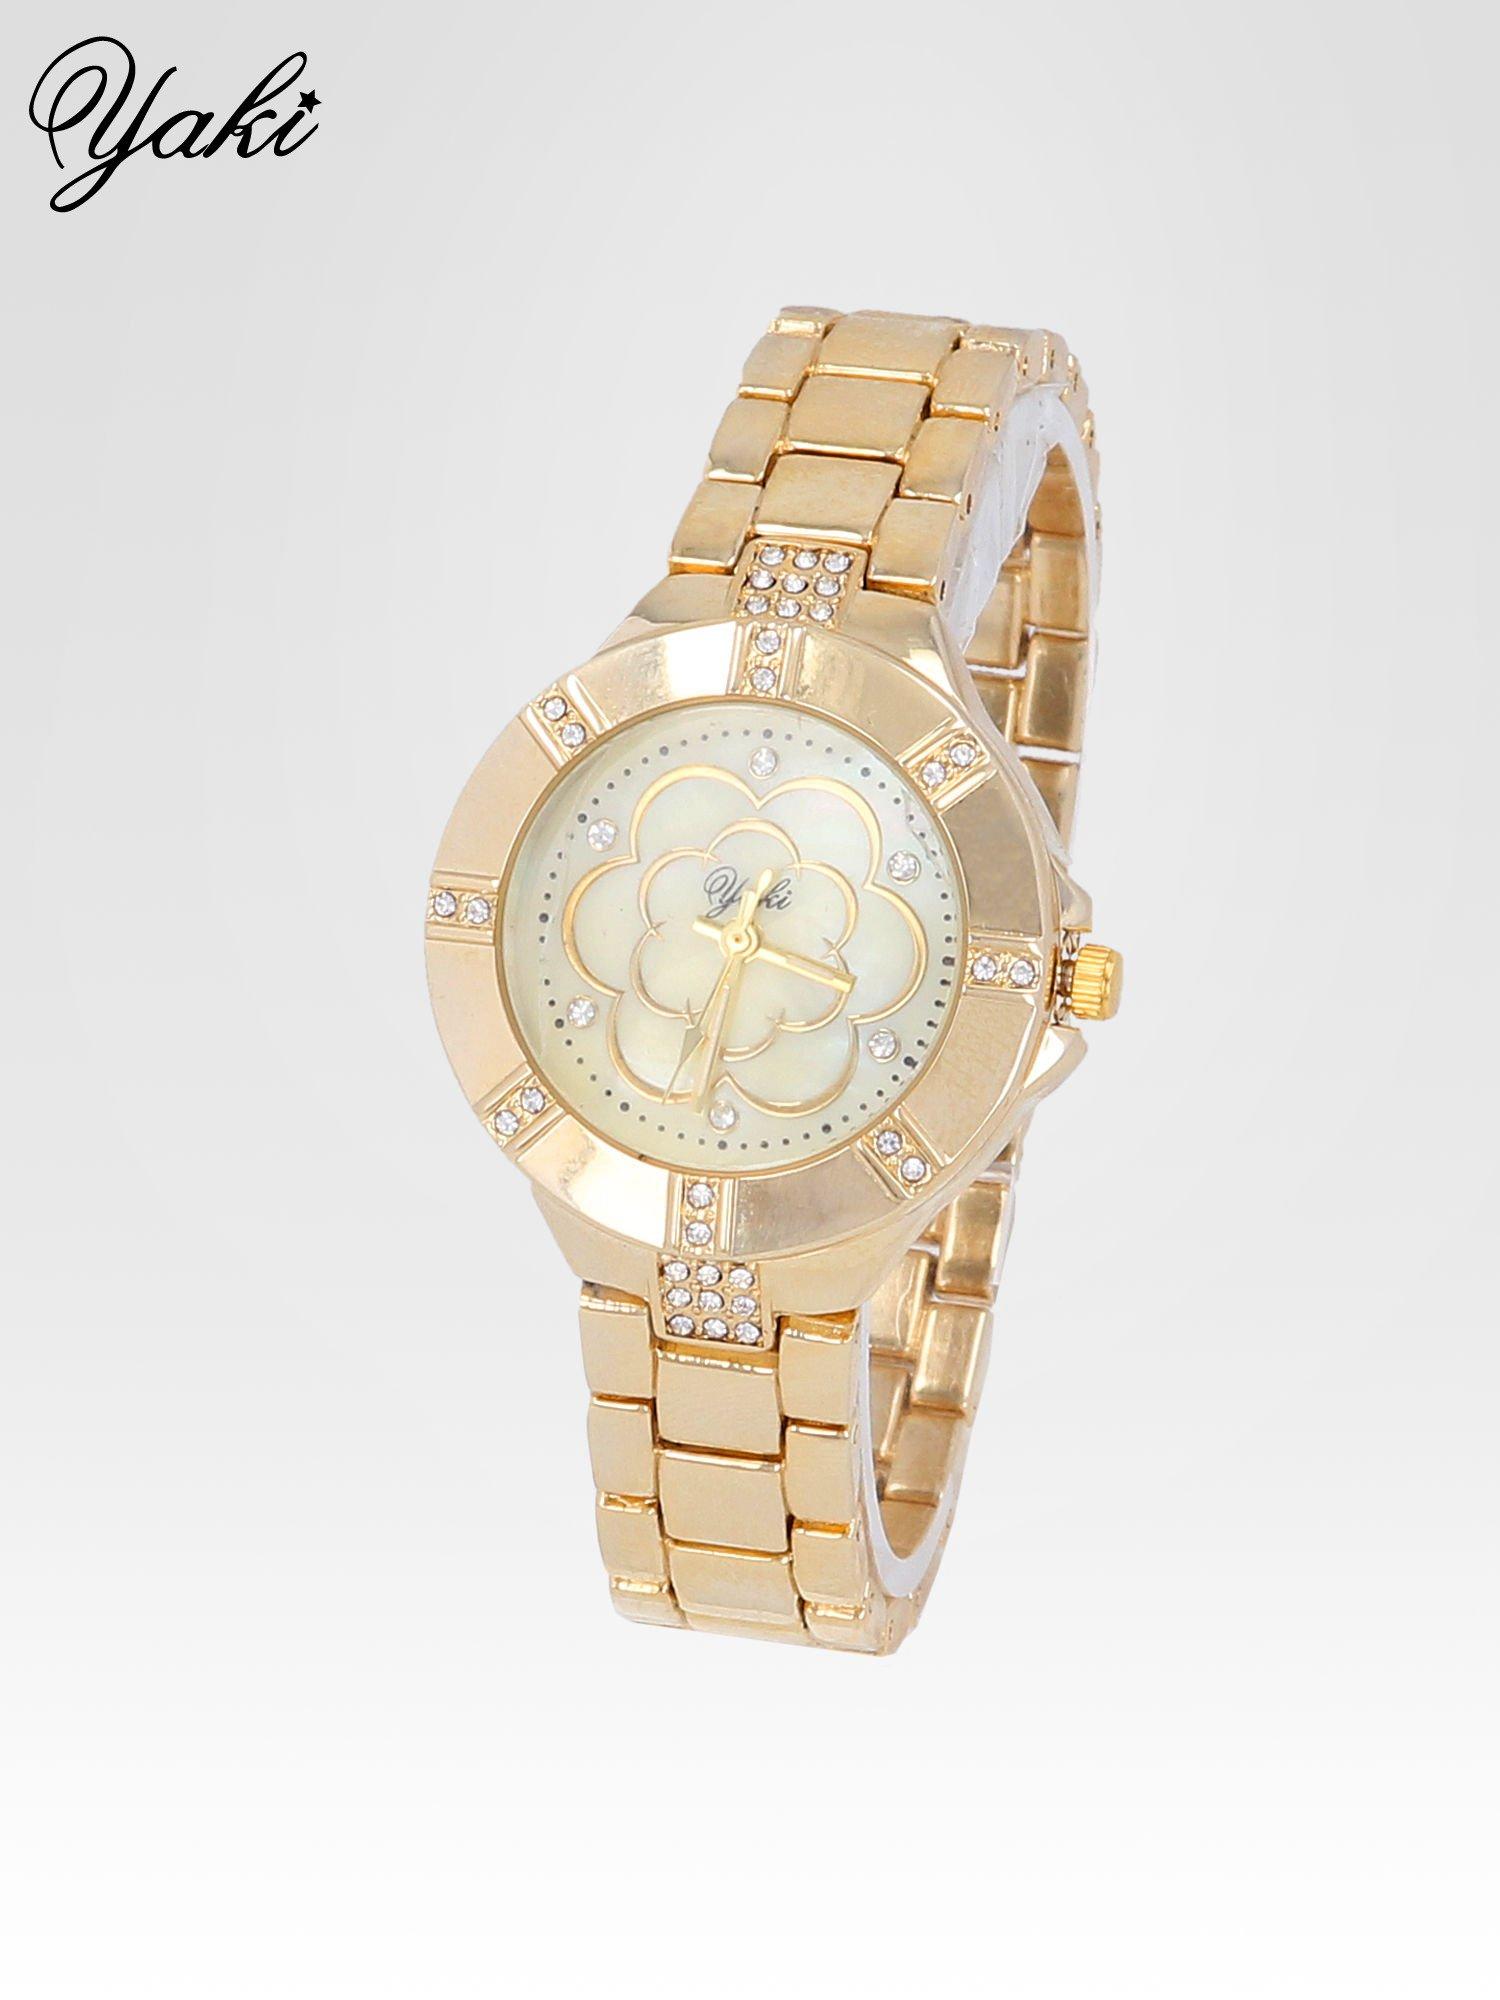 Złoty zegarek damski na bransolecie z cyrkoniami                                  zdj.                                  2